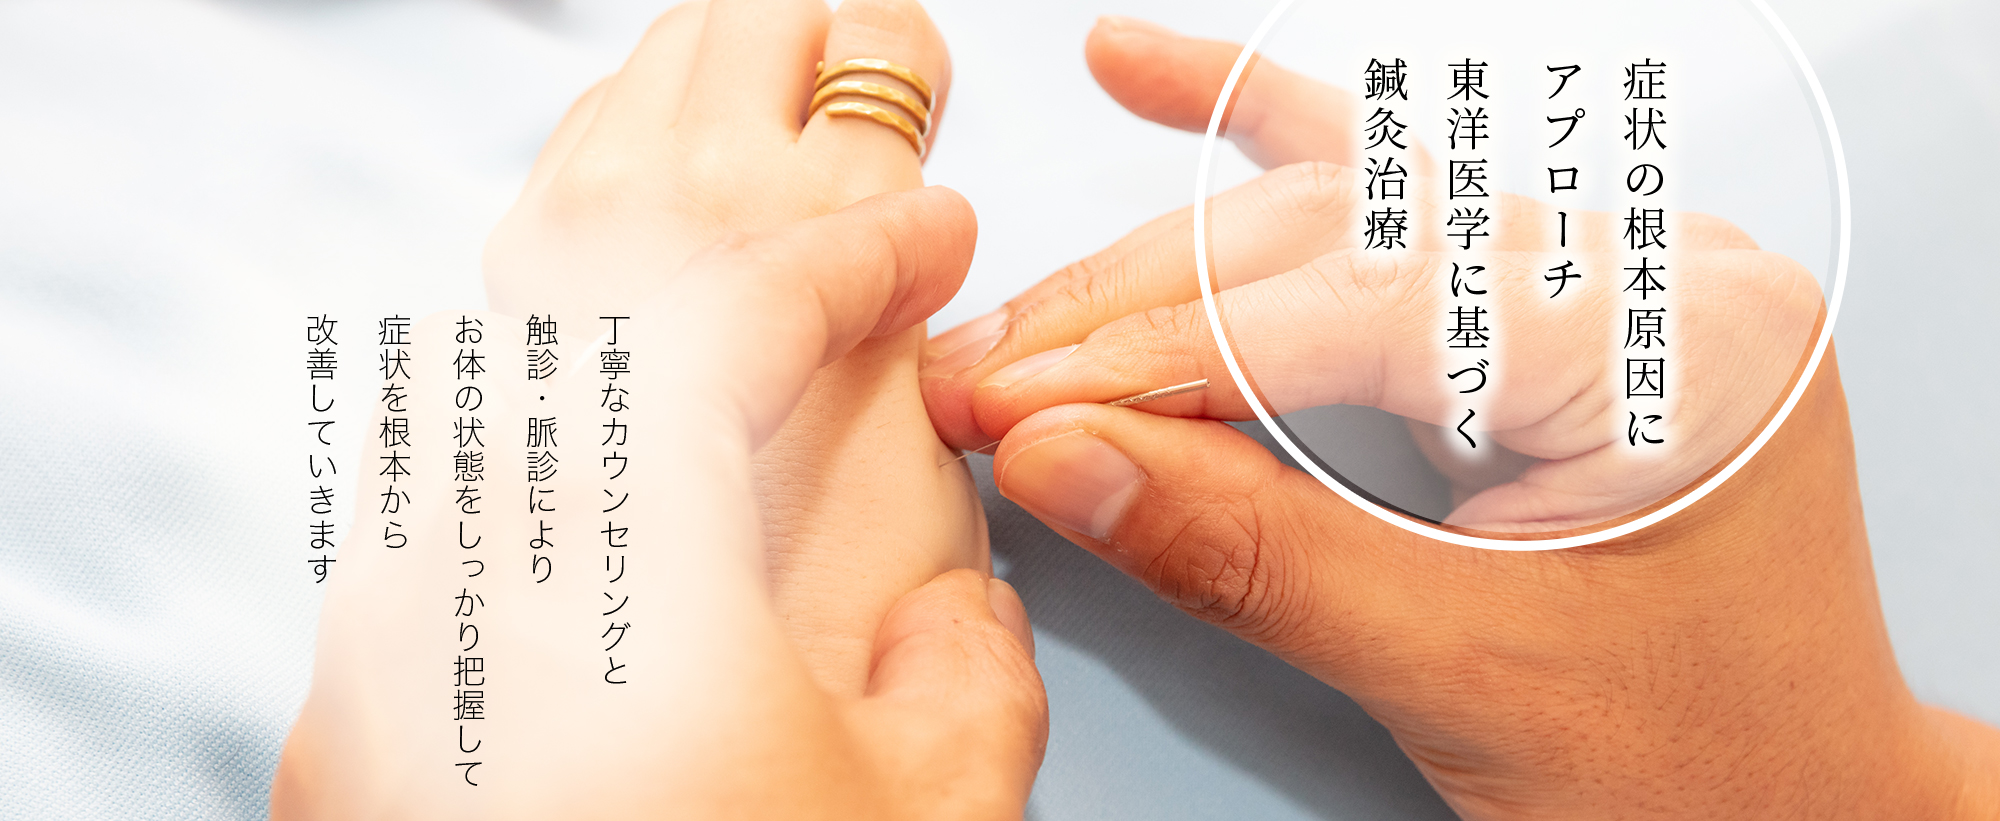 症状の根本原因にアプローチ 東洋医学に基づく鍼灸治療